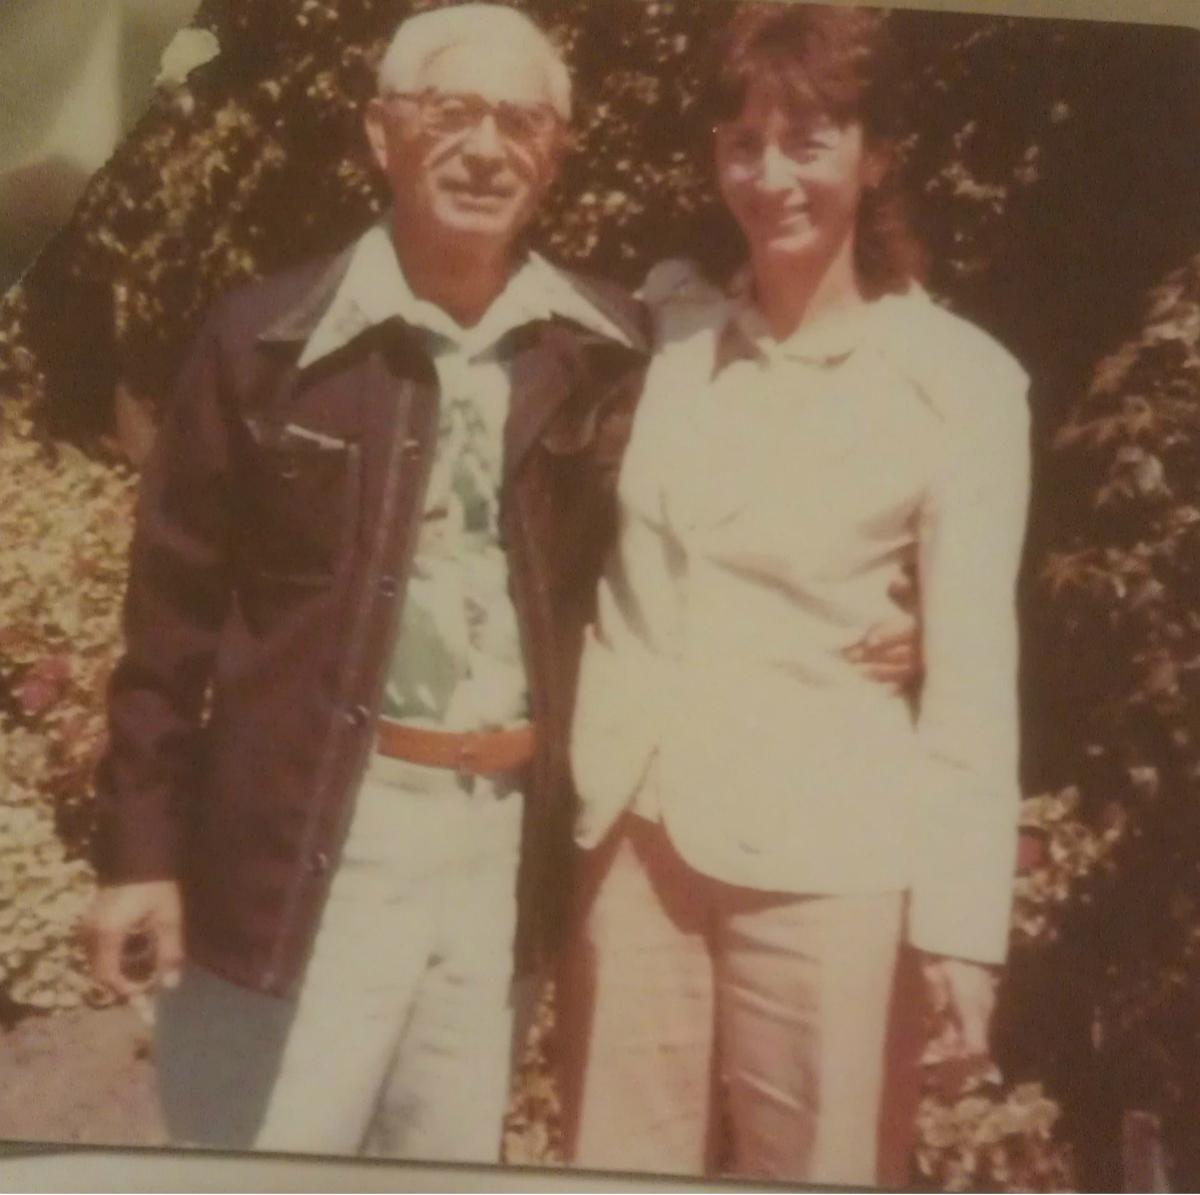 Phillip Shenkler older & Myrna Shenkler